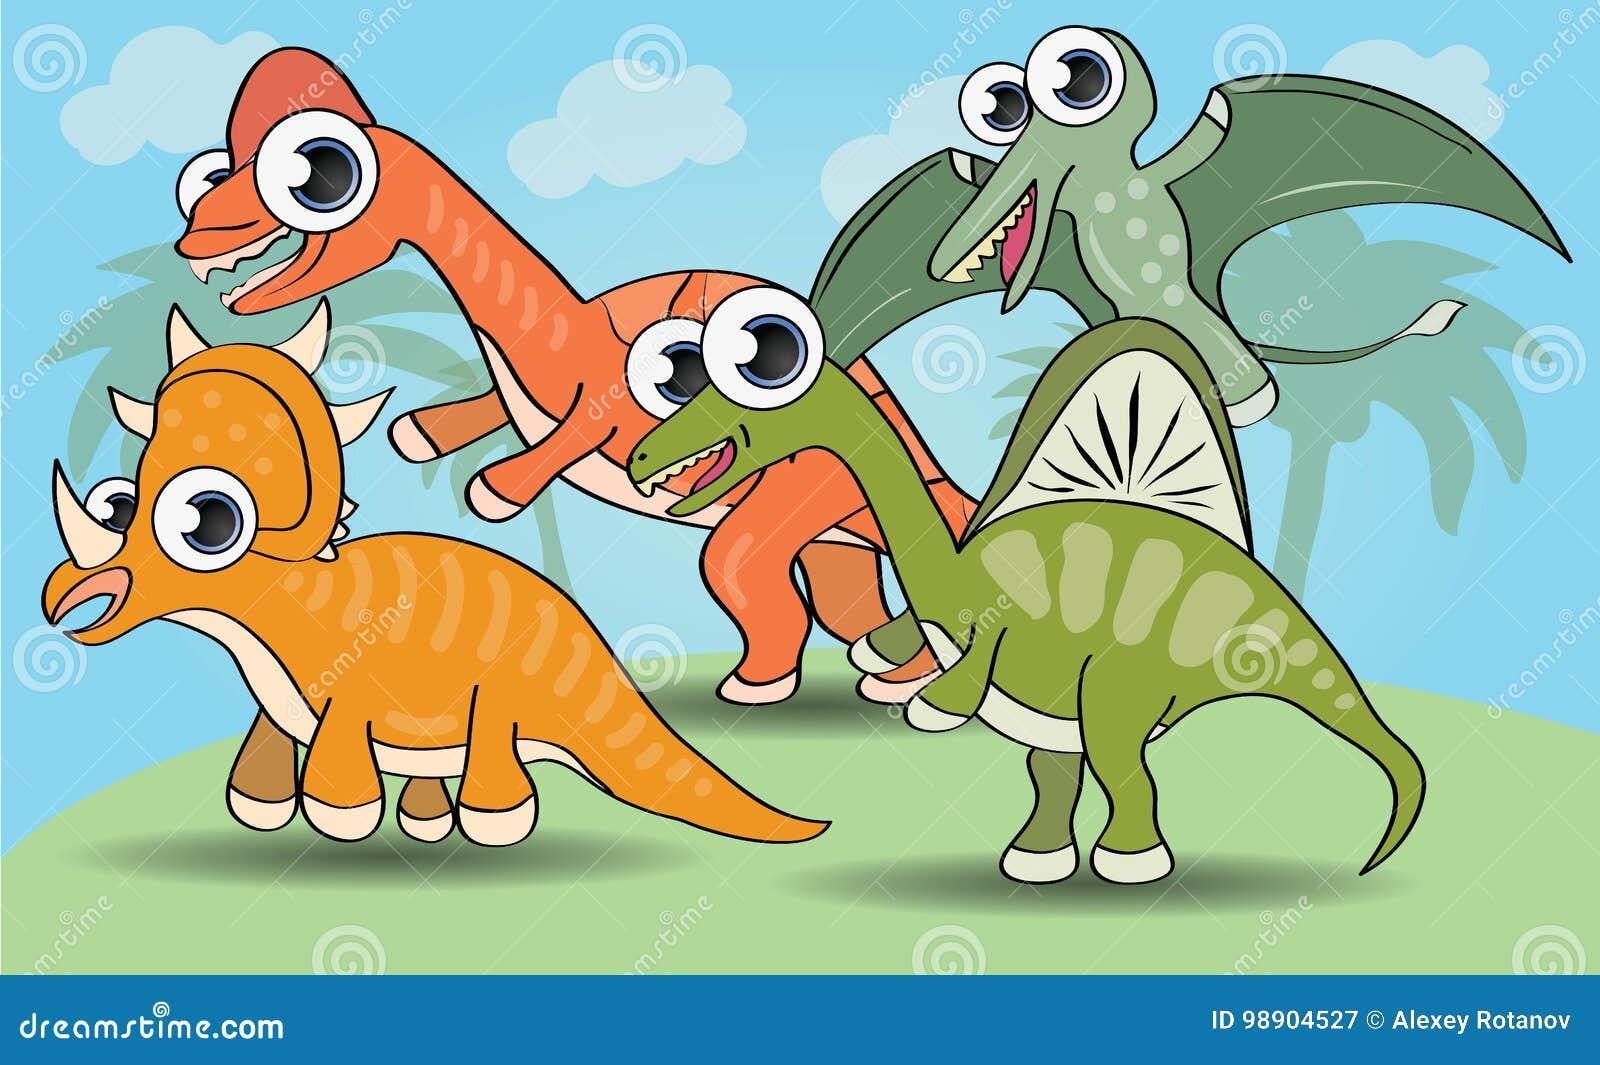 Смешной динозавр стиля шаржа